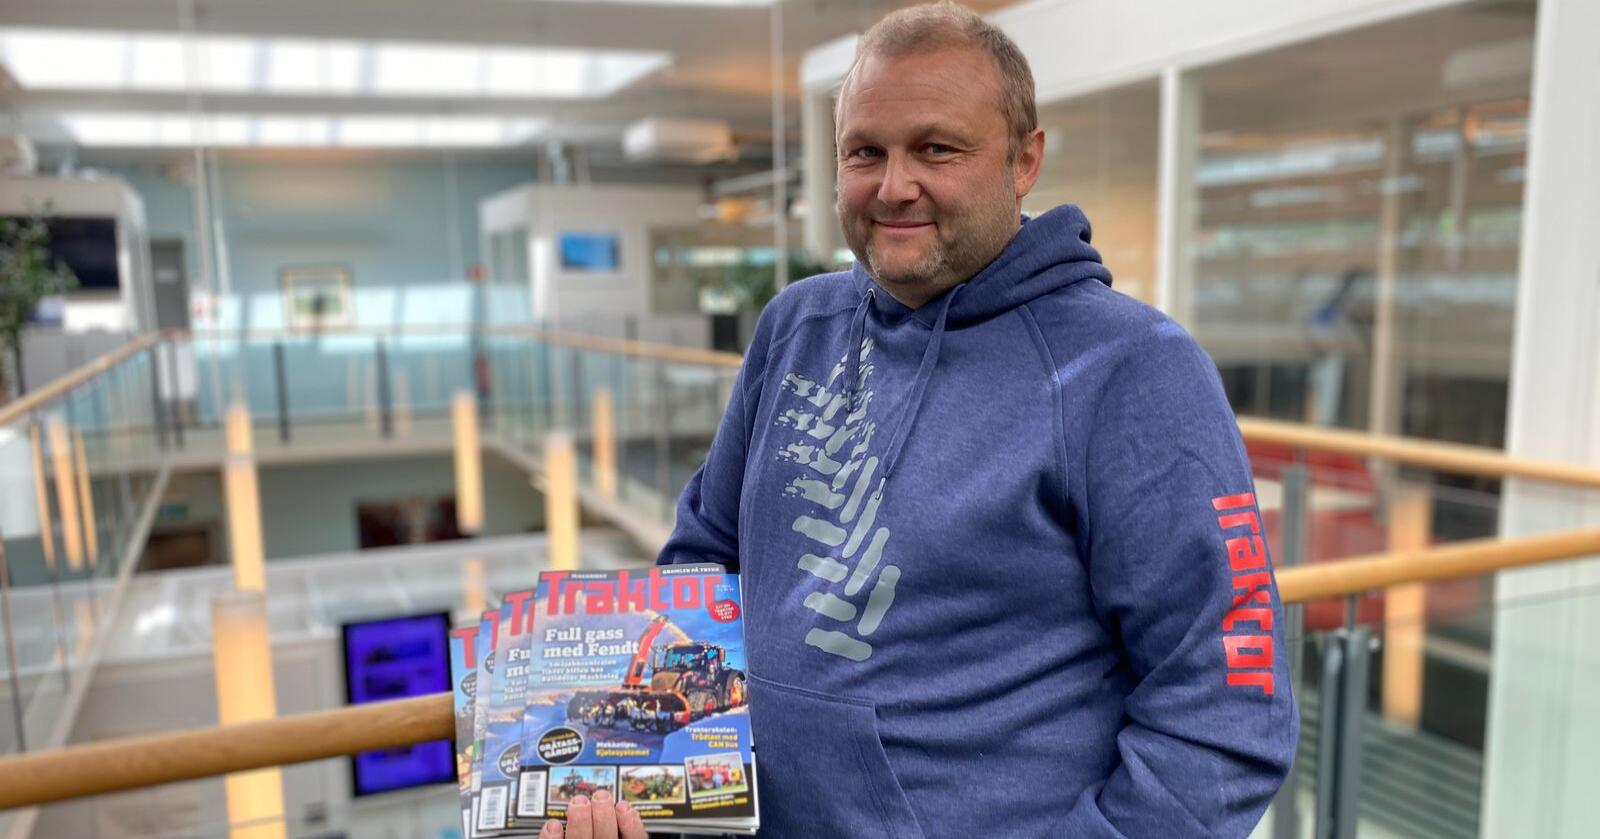 Traktor: Espen Opheim går fra maskinbransjen til mediebransjen og starter denne uka jobb som journalist i Traktor.no